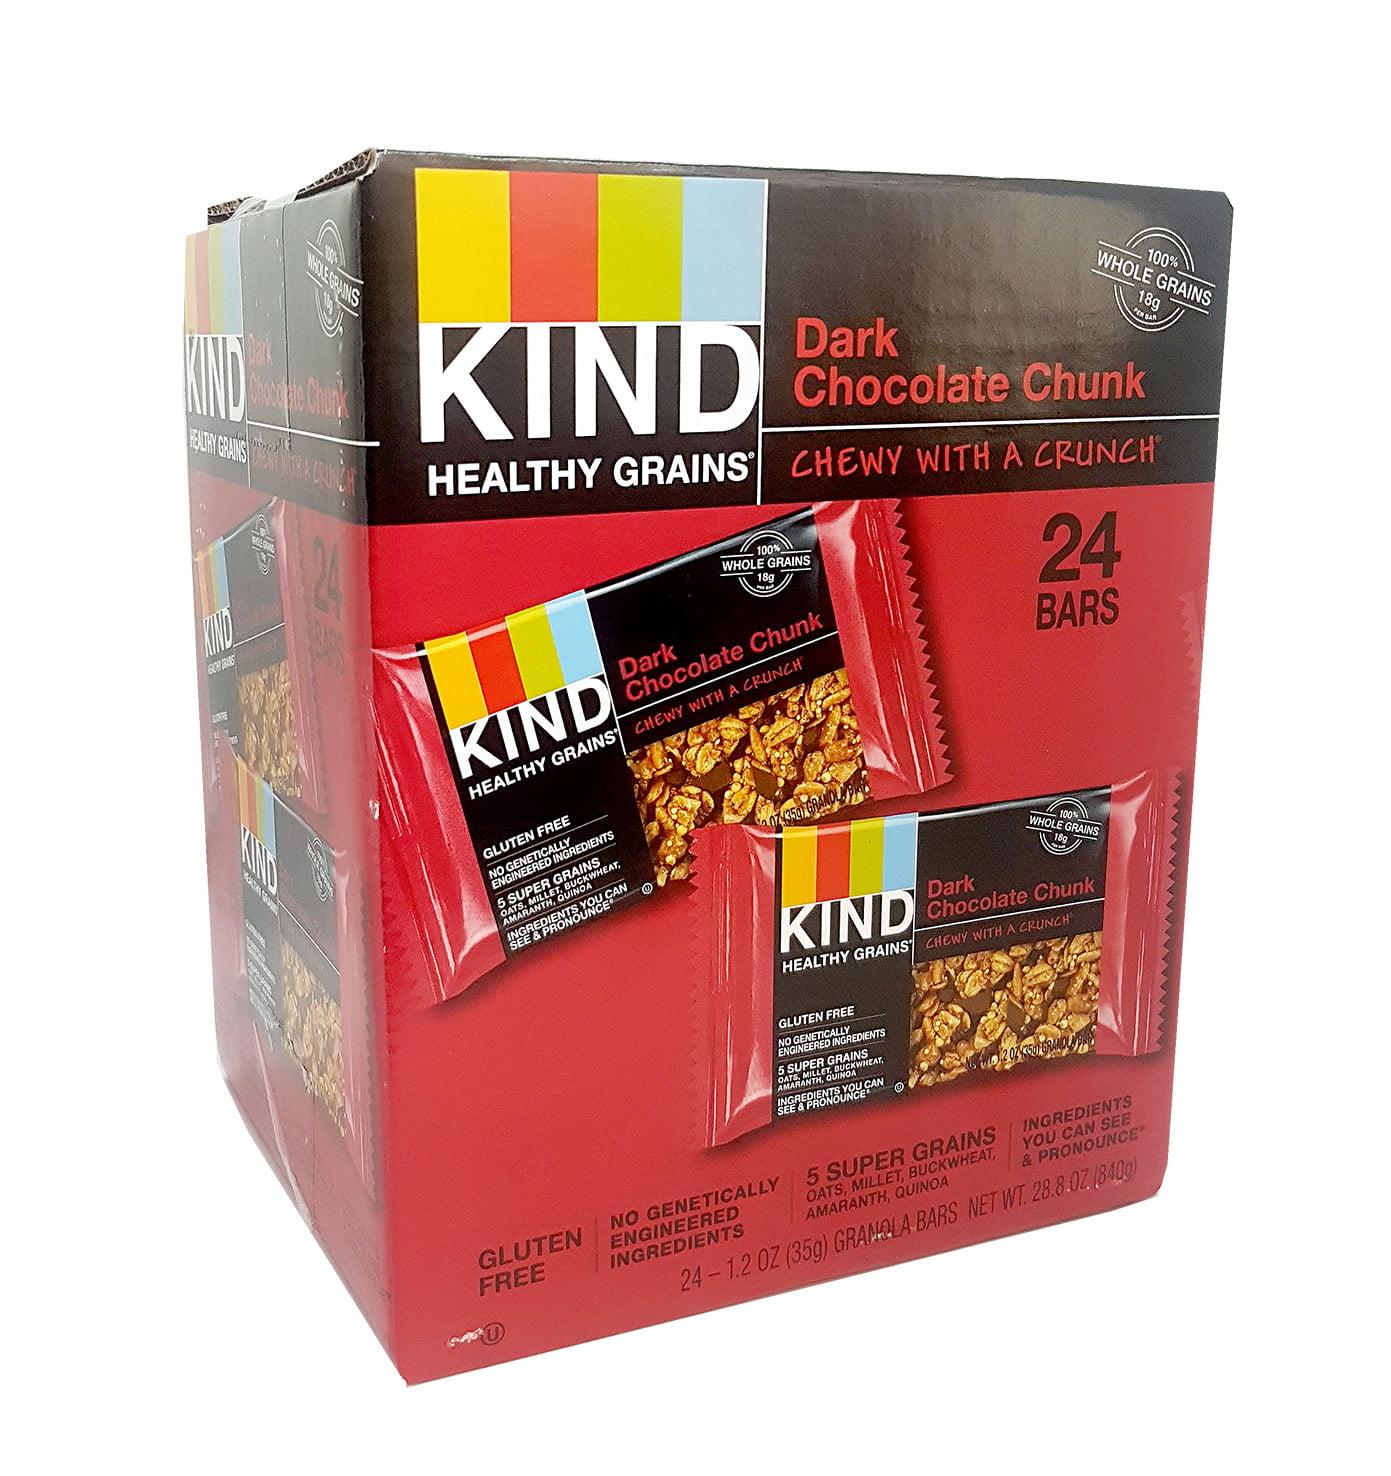 KIND Healthy Grains Bar Dark Chocolate Chunk Chewy with a Crunch 1.2 Oz. 24 Bars